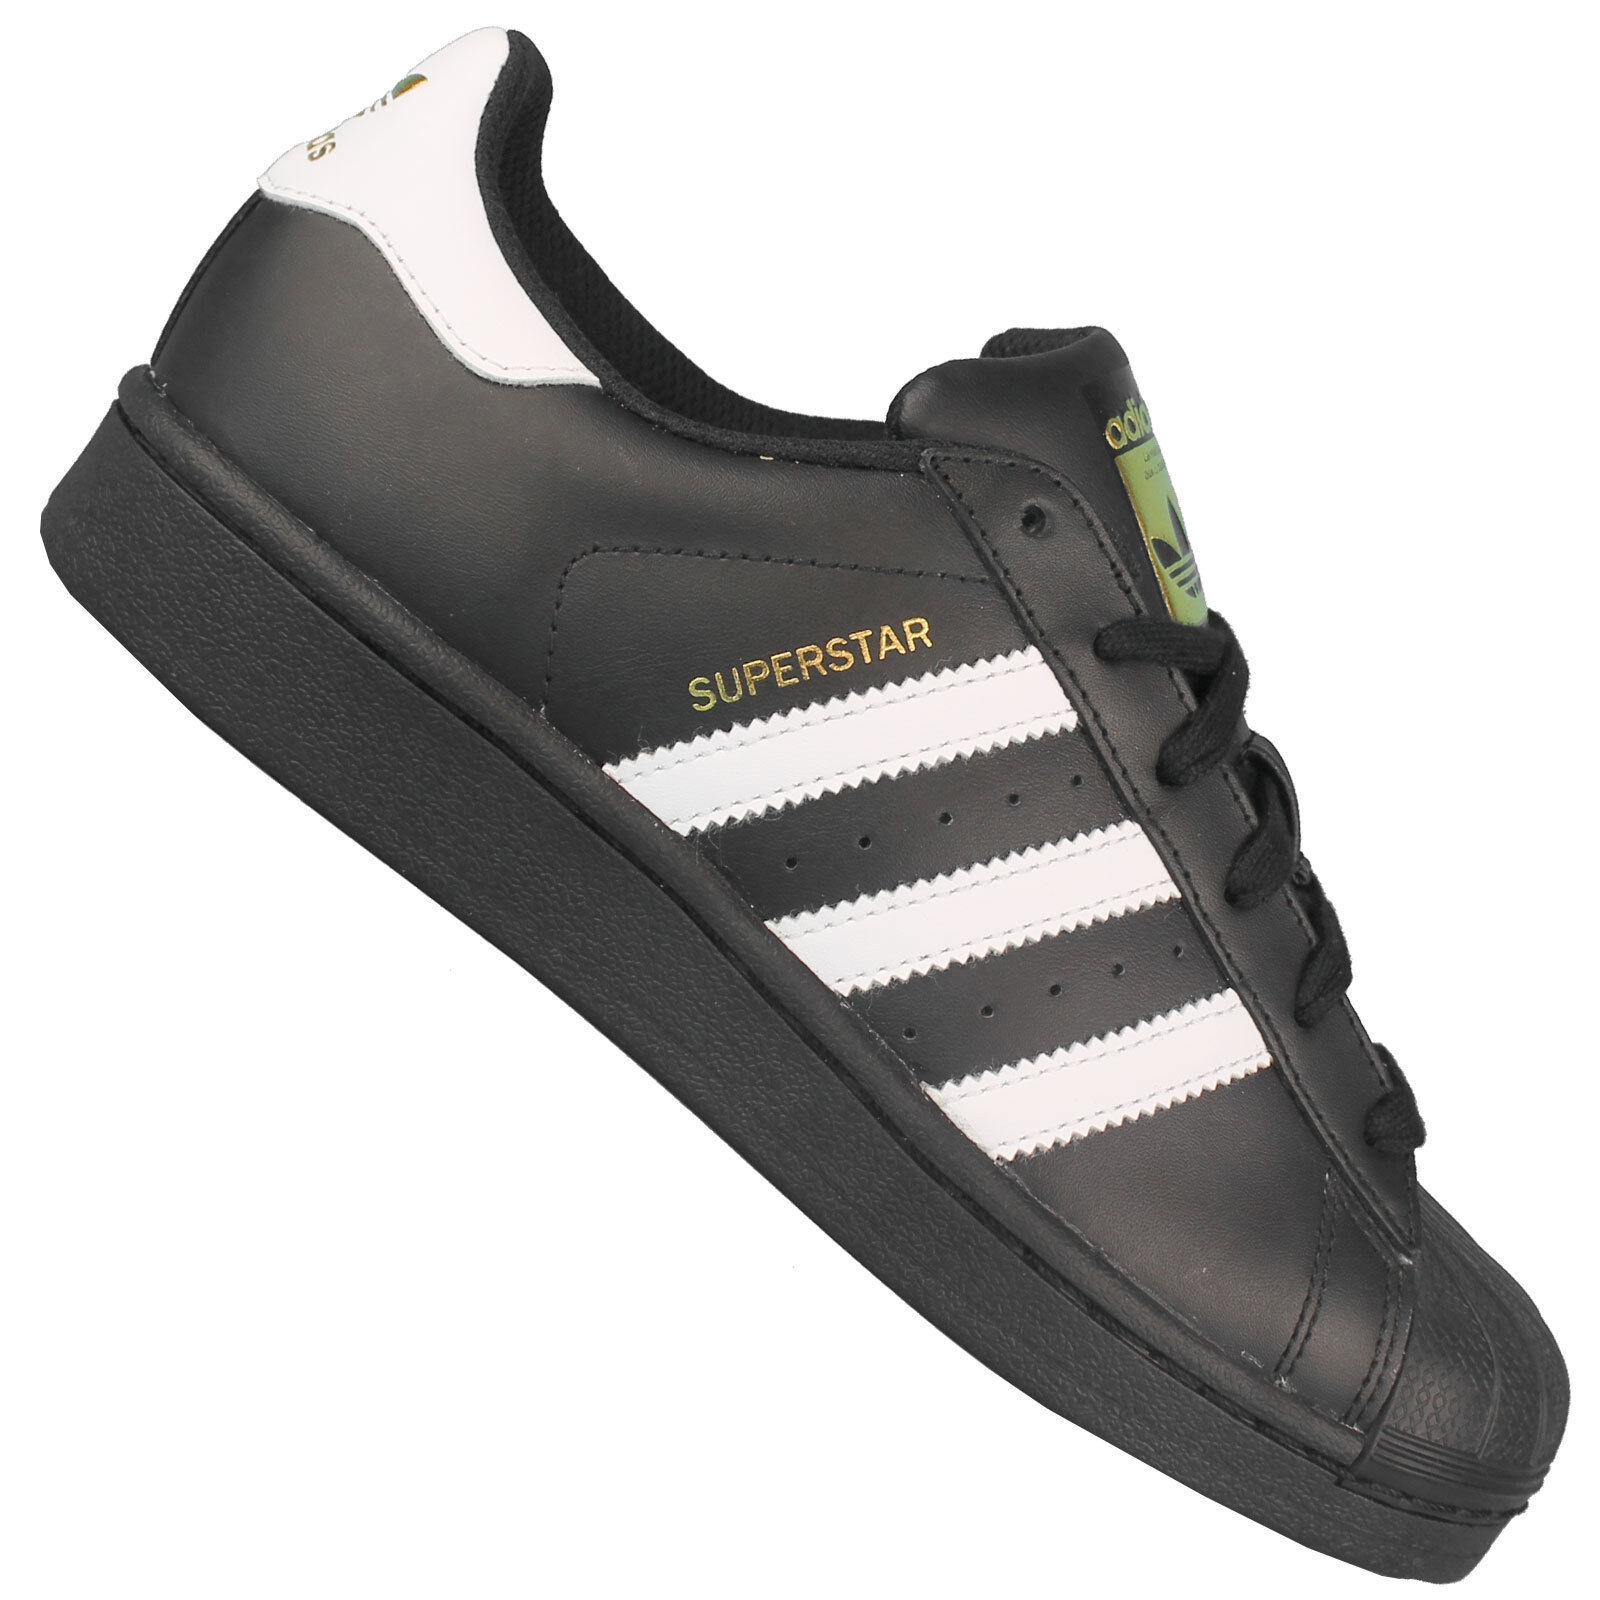 ADIDAS Originals Superstar Sneaker b23642-Da Donna Sneaker Superstar Nero con strisce bianche NUOVO 659549